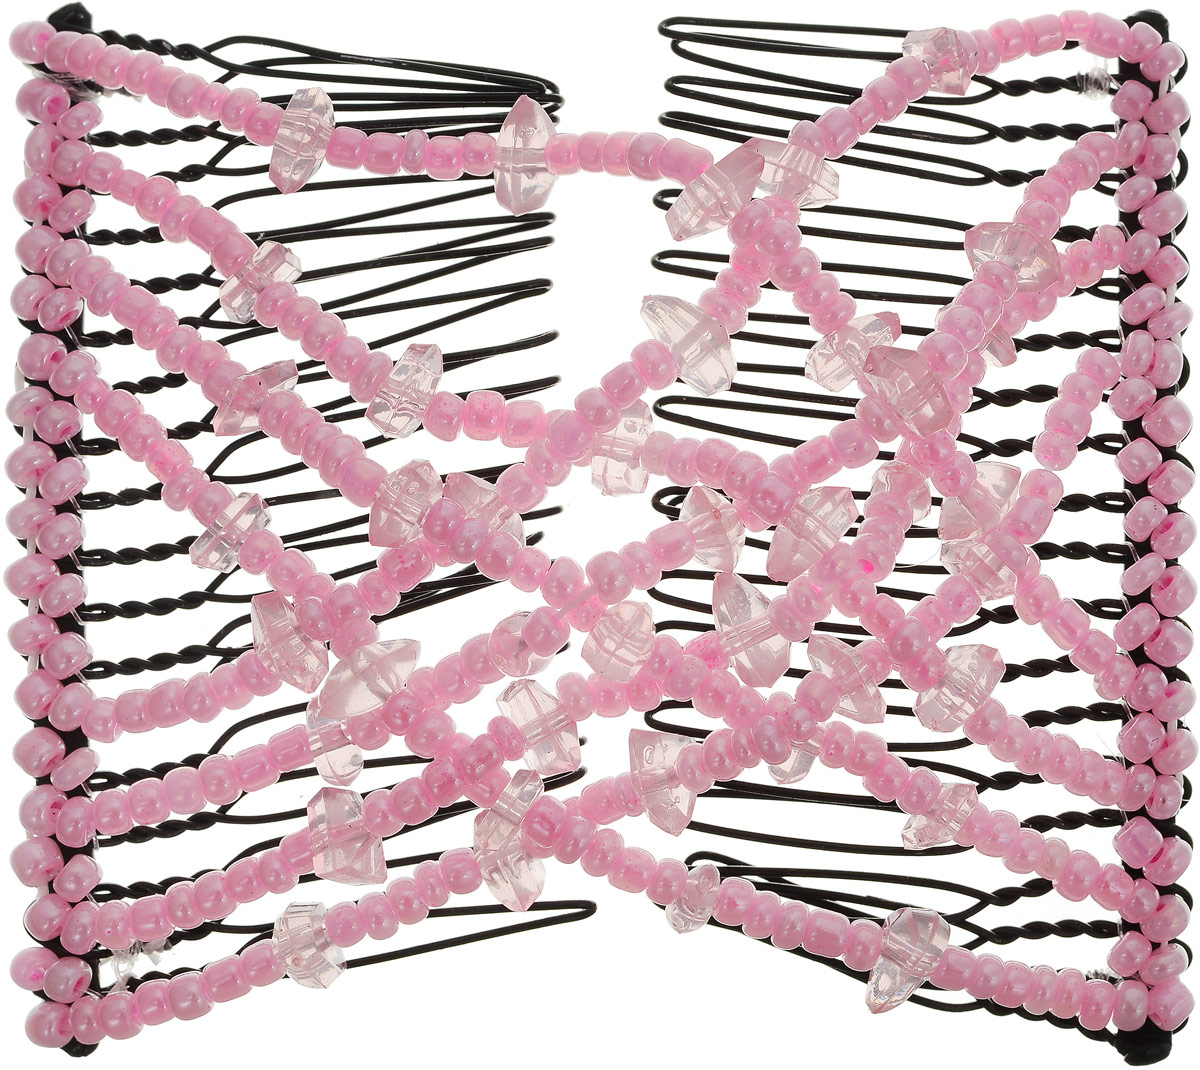 EZ-Combs Заколка Изи-Комбс, одинарная, цвет: розовый. ЗИО_осколкиЗИО_розовый/осколкиУдобная и практичная заколка EZ-Combs подходит для любого типа волос: тонких, жестких, вьющихся или прямых,и не наносит им никакого вреда. Заколка не мешает движениям головы и не создает дискомфорта, когда выотдыхаете или управляете автомобилем.Каждый гребень имеет по 20 зубьев для надежной фиксации заколки на волосах. И даже во время бега и интенсивныхтренировок в спортзале EZ-Combs не падает; она прочно фиксирует прическу, сохраняя укладку в первозданном виде. Небольшая и легкая заколка для волос EZ-Combs поместится в любой дамской сумочке, позволяя быстро и безособых усилий создавать неповторимые прически там, где вам это удобно. Гребень прекрасно сочетается с любойодеждой: будь это классический или спортивный стиль, завершая гармоничный облик современной леди. И неважно,какой образ жизни вы ведете, если у вас есть EZ-Combs, вы всегда будете выглядеть потрясающе.